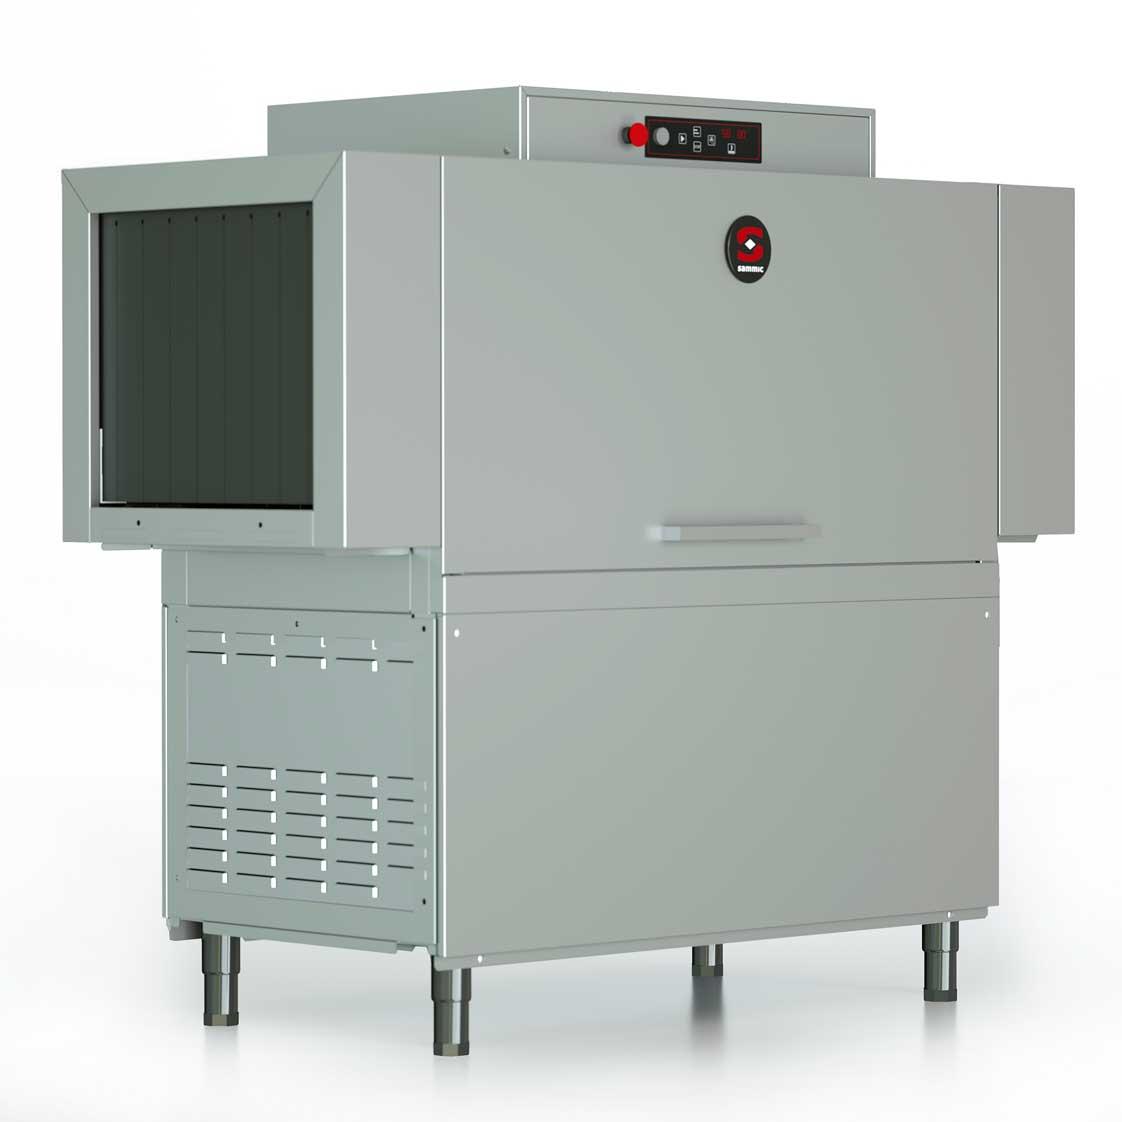 Lavavajillas SRC 2200, de Sammic